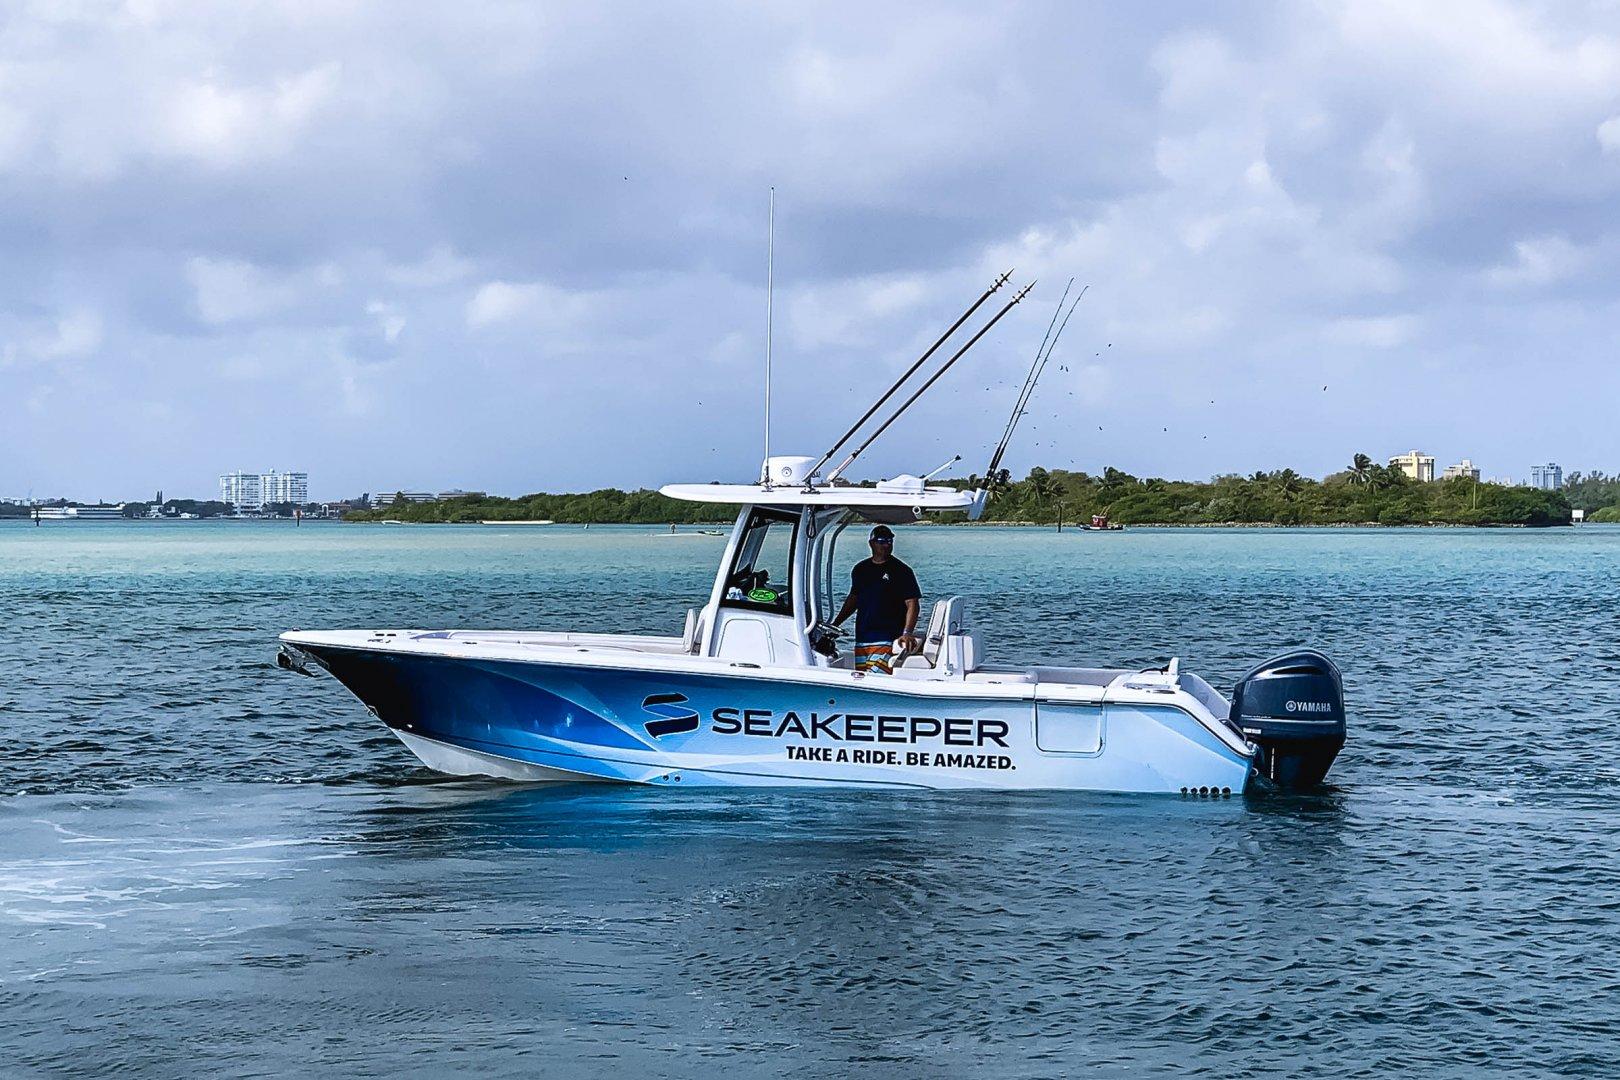 13 PB Seakeeper Demo 27 Sea Hunt at FPB Miami Poker Run_web_size.jpg